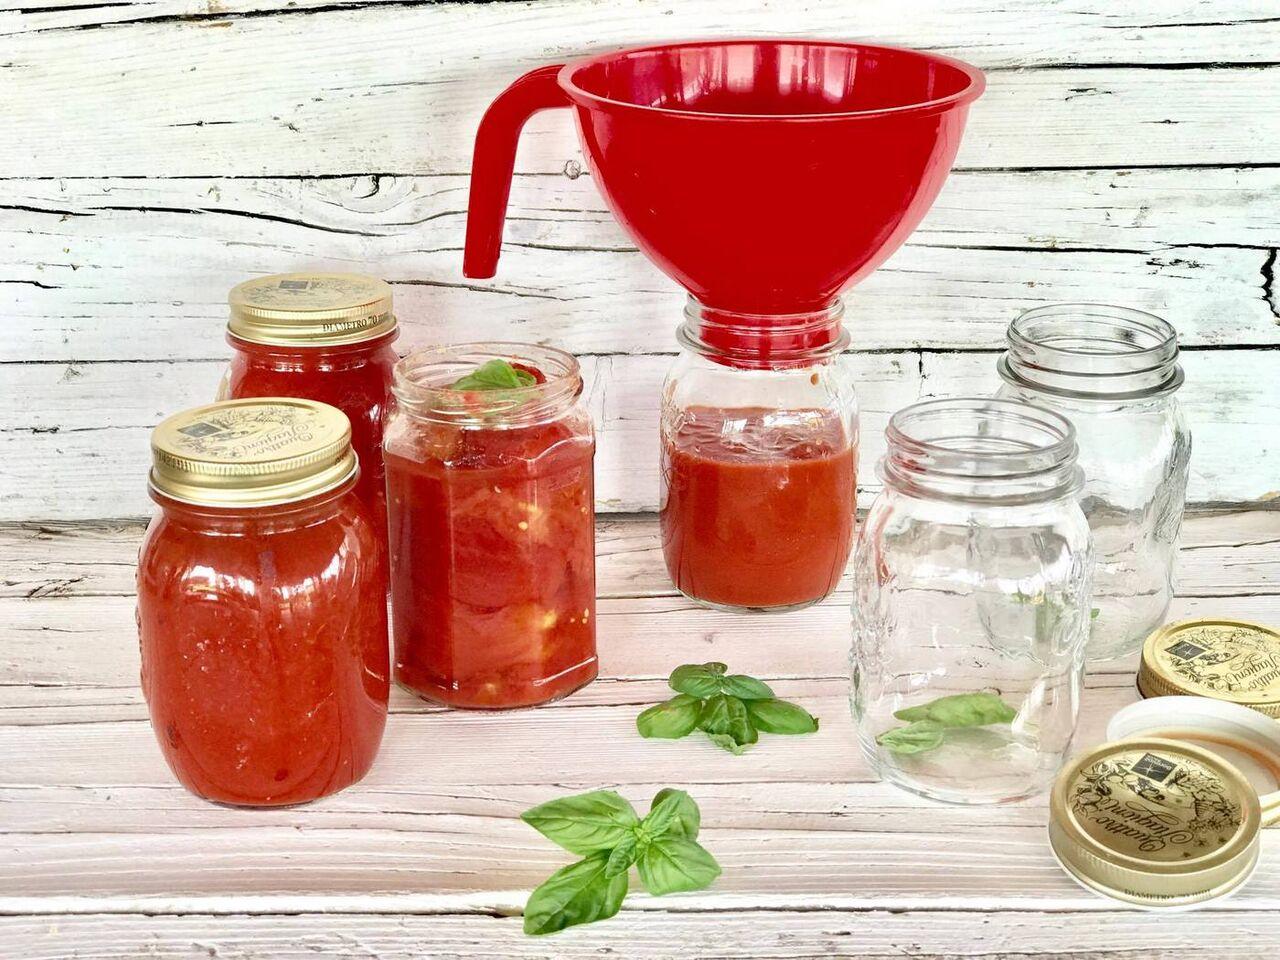 Imbottigliare la passata di pomodoro